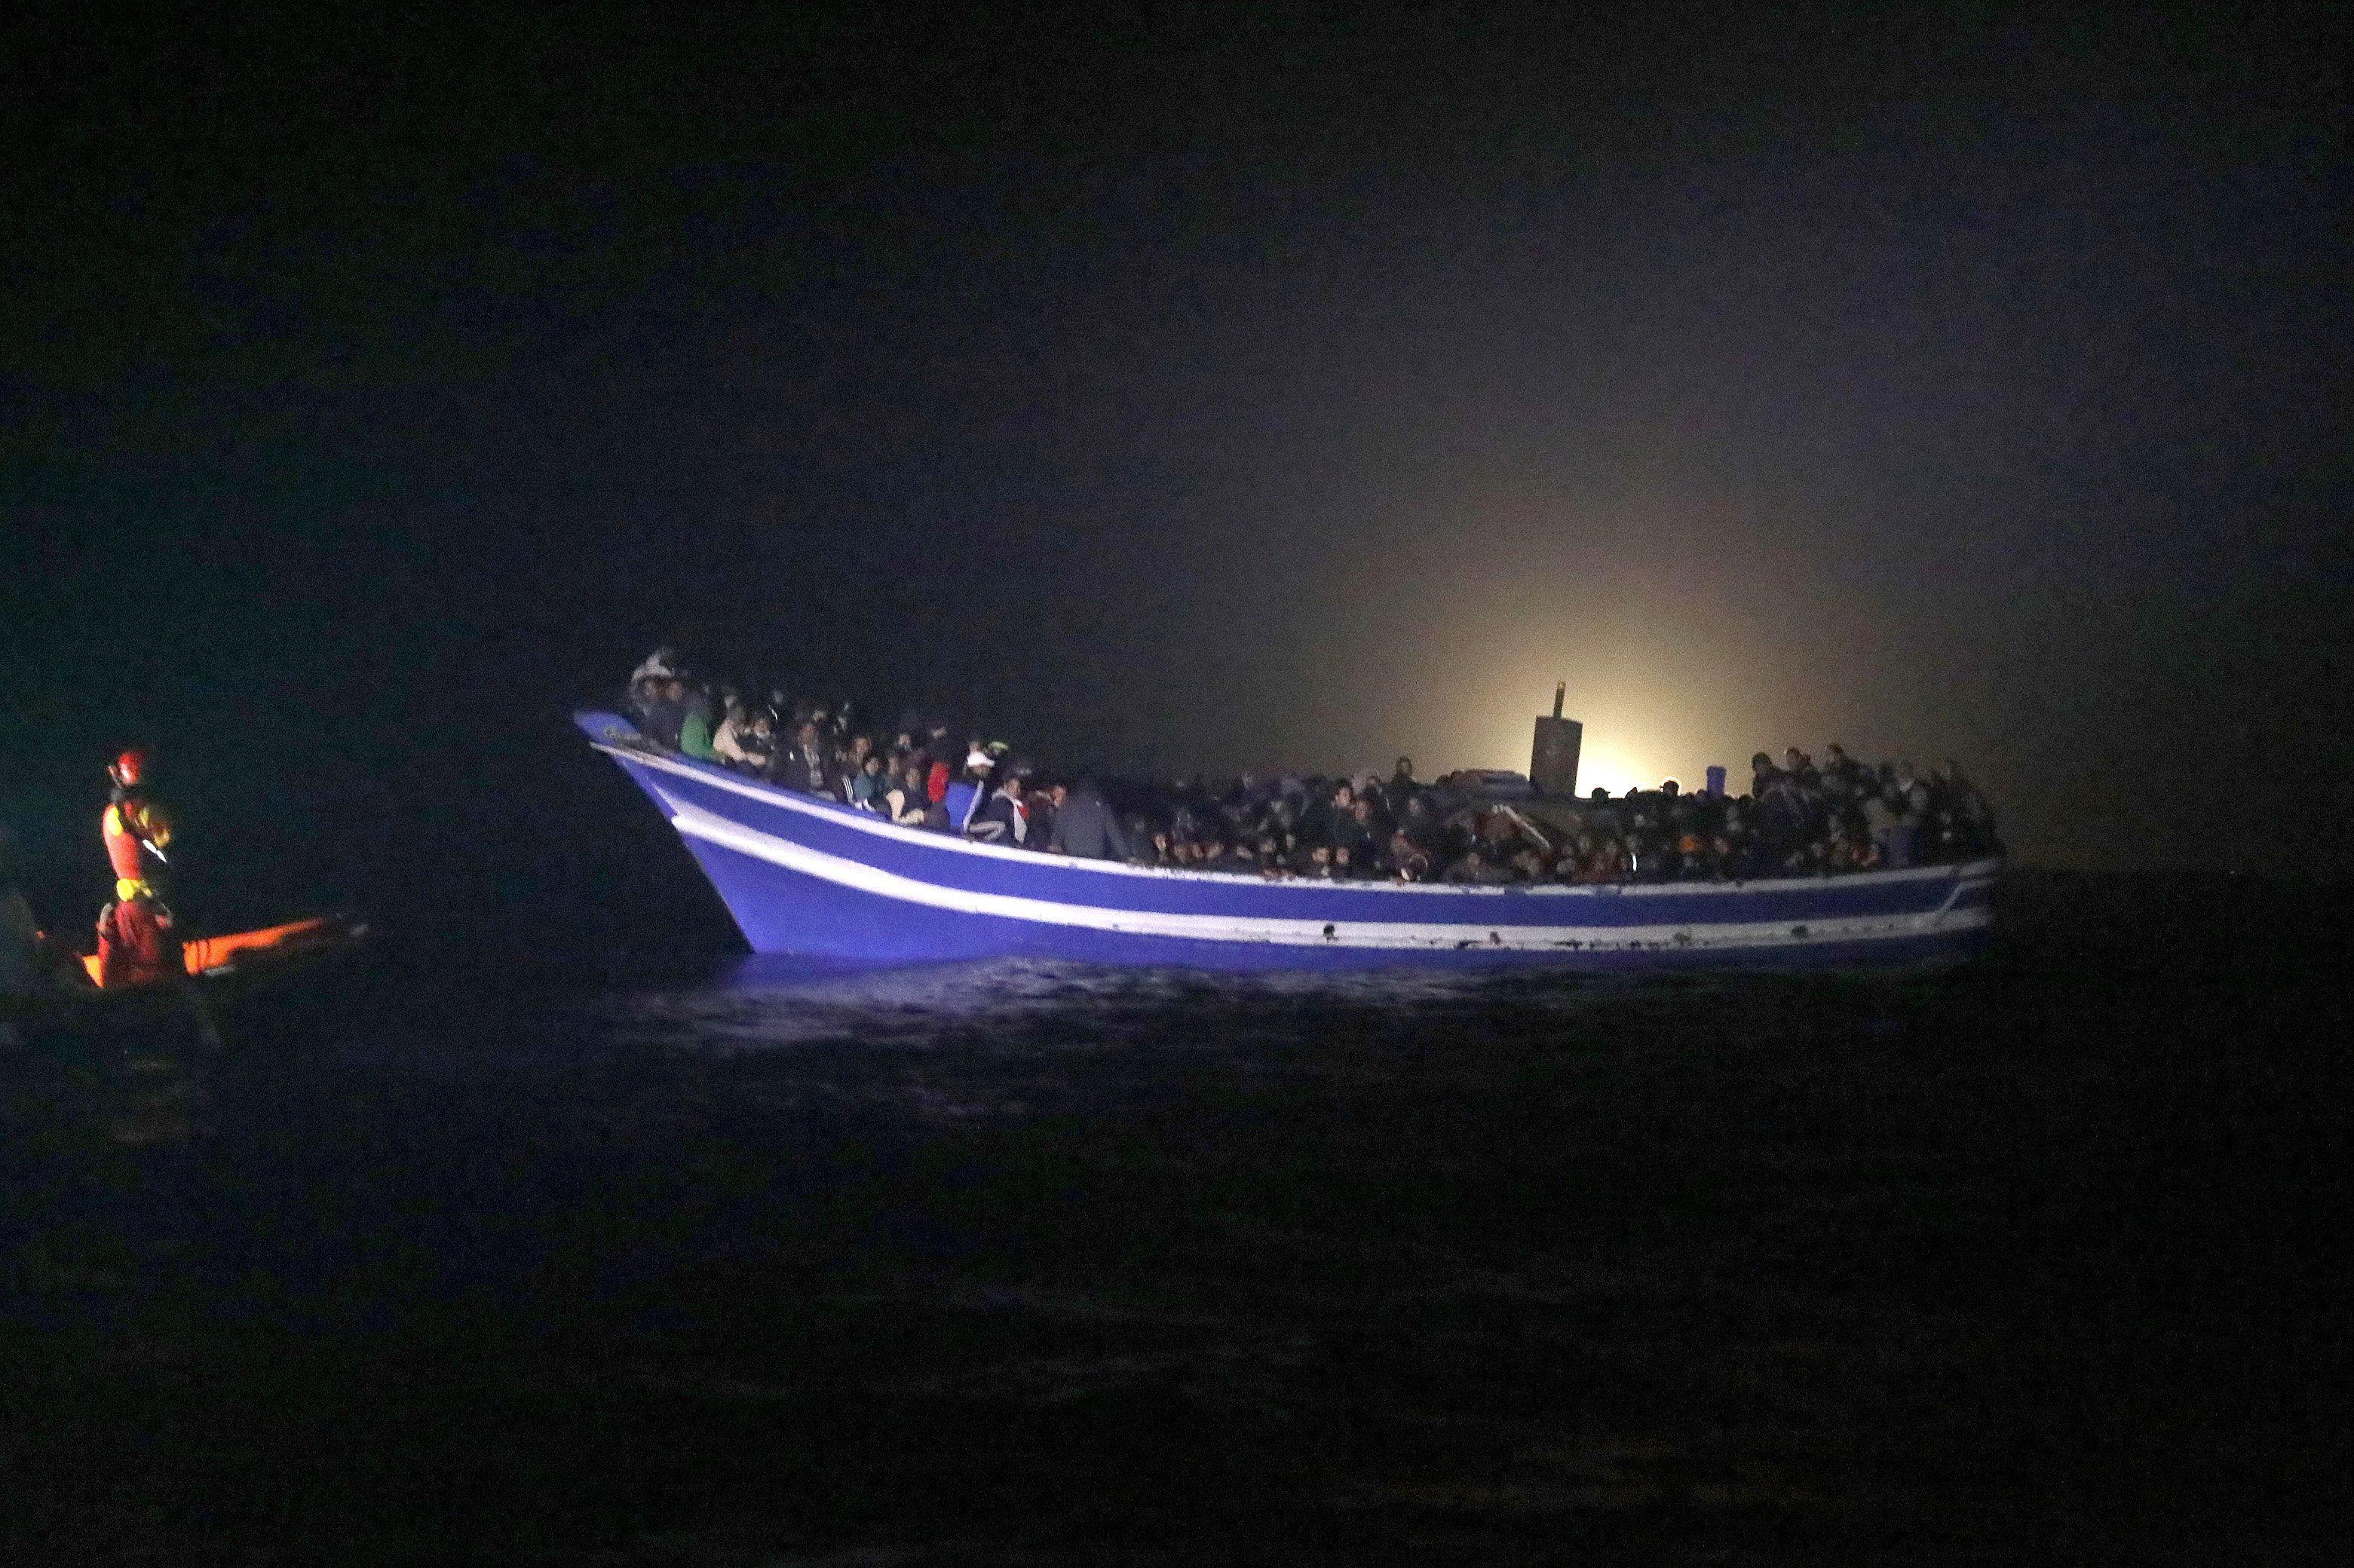 Беженцы в Средиземном море, иллюстрация.